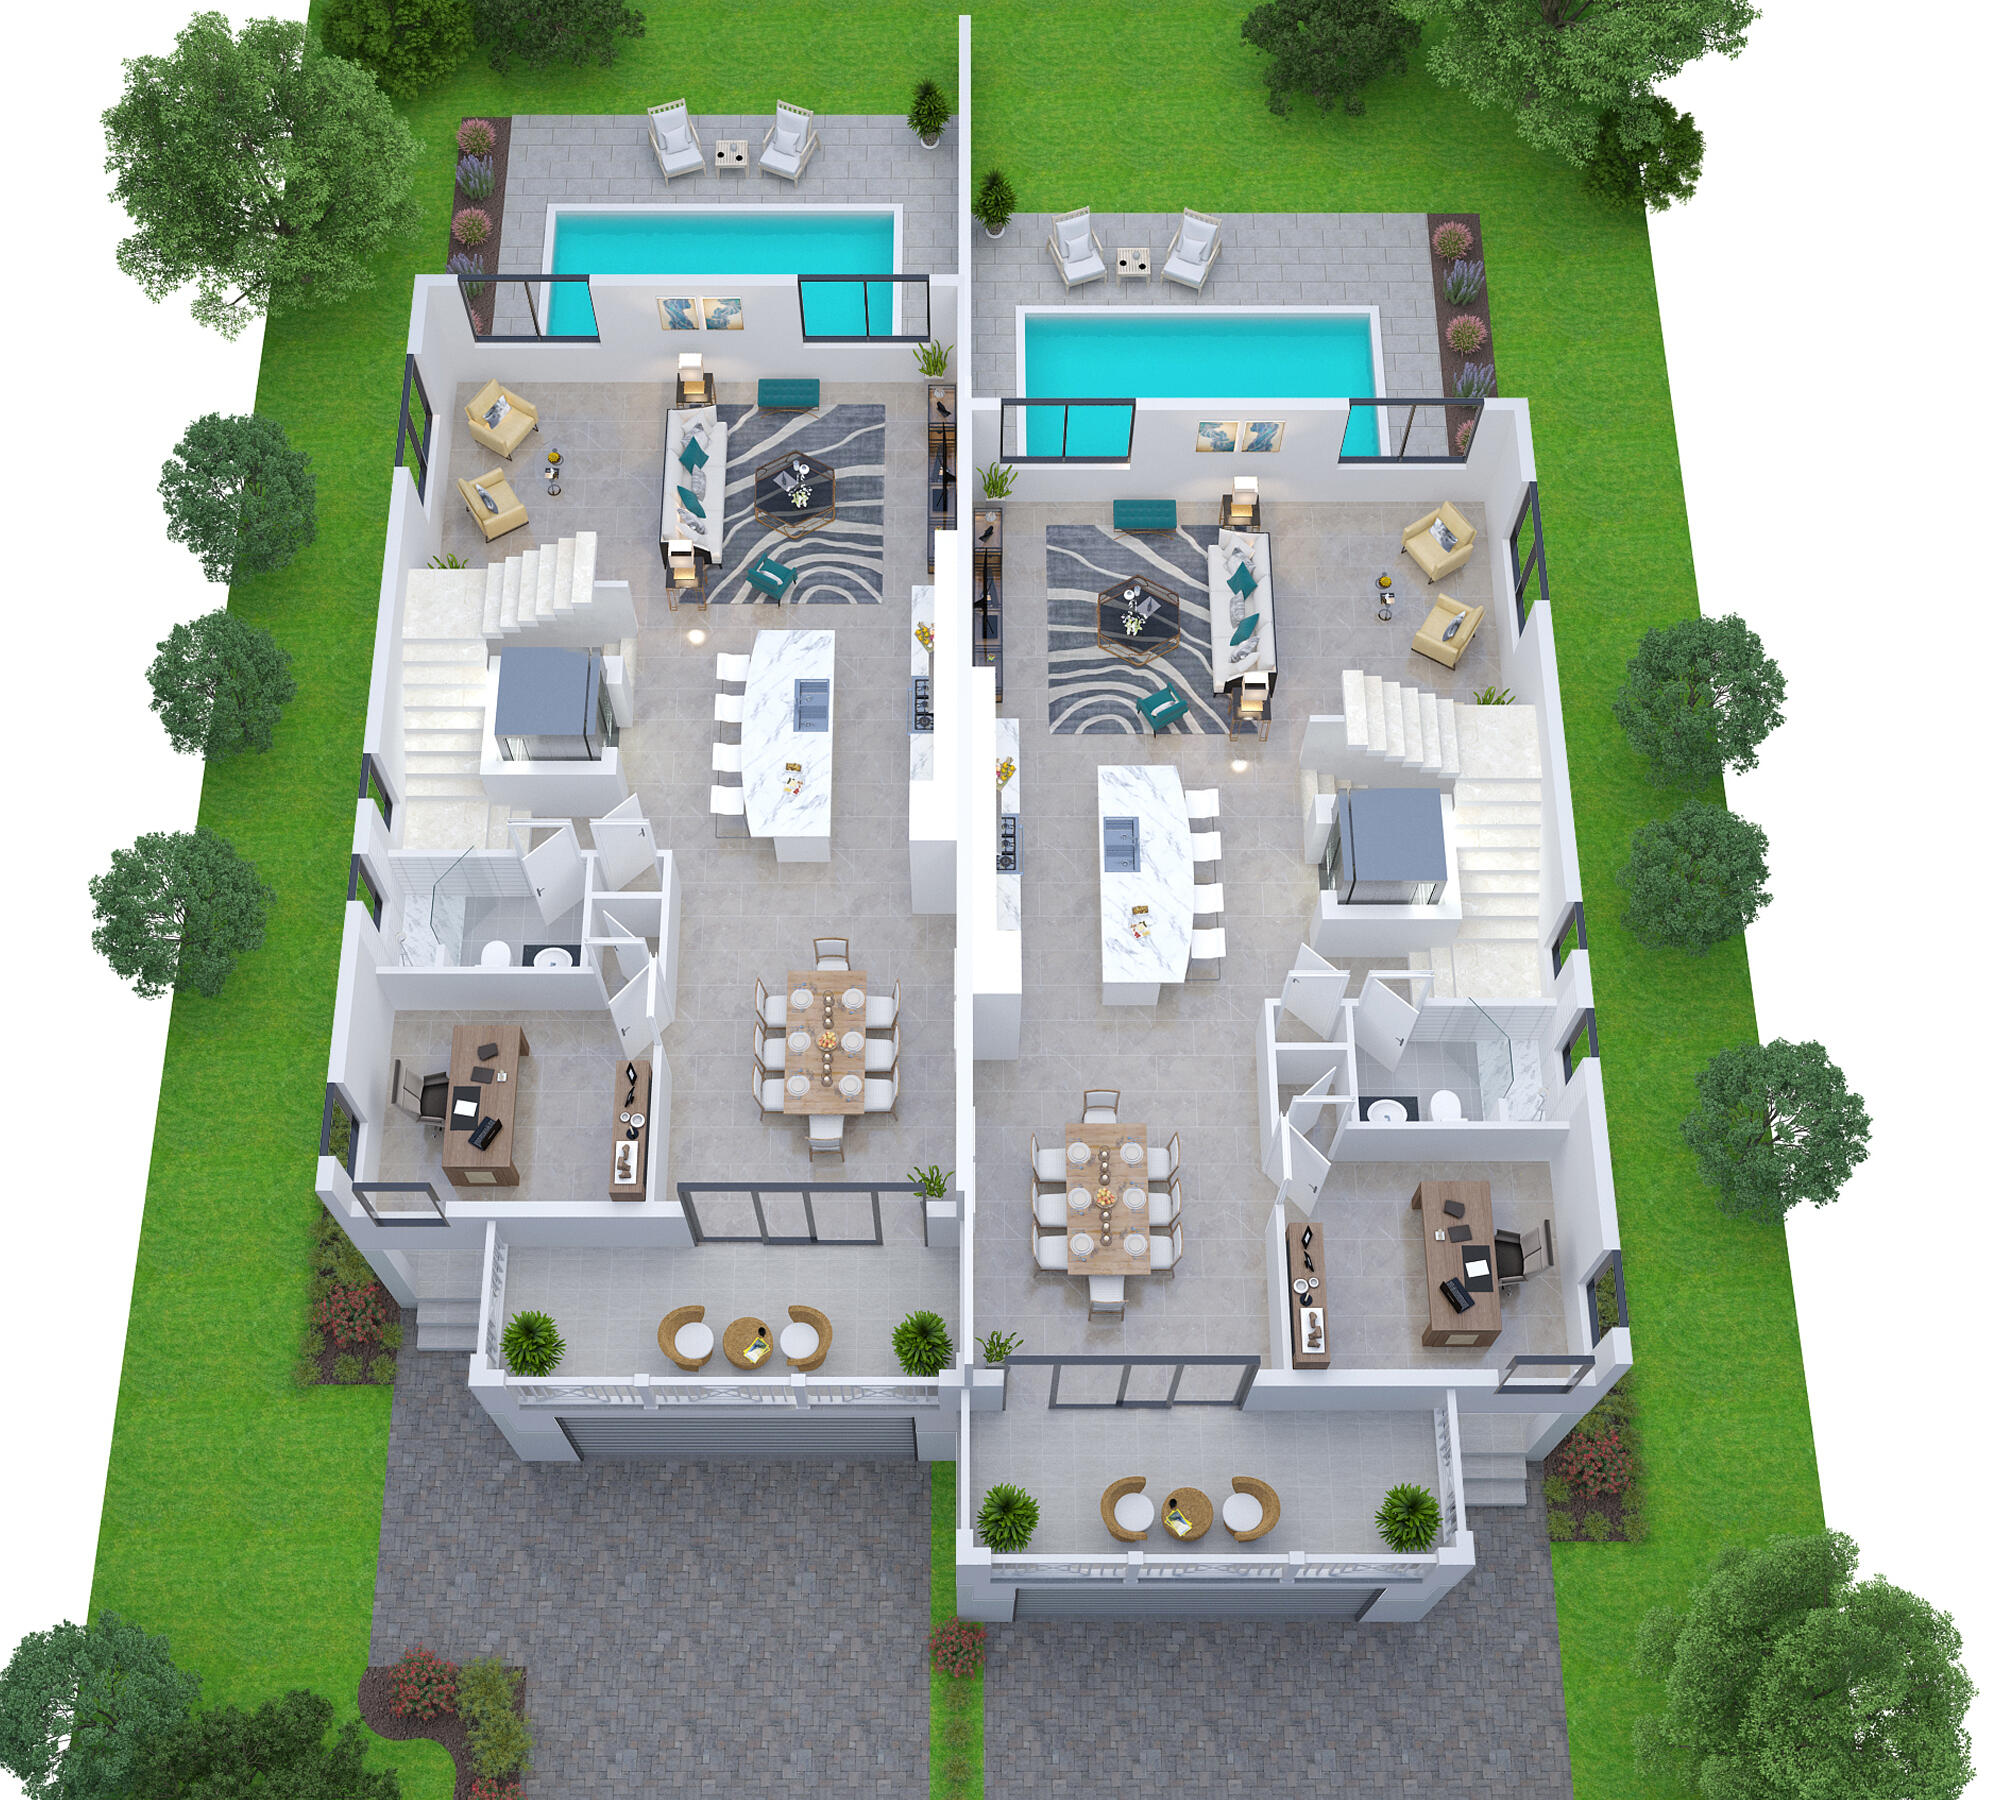 Lot 4 5 -Second floor plan